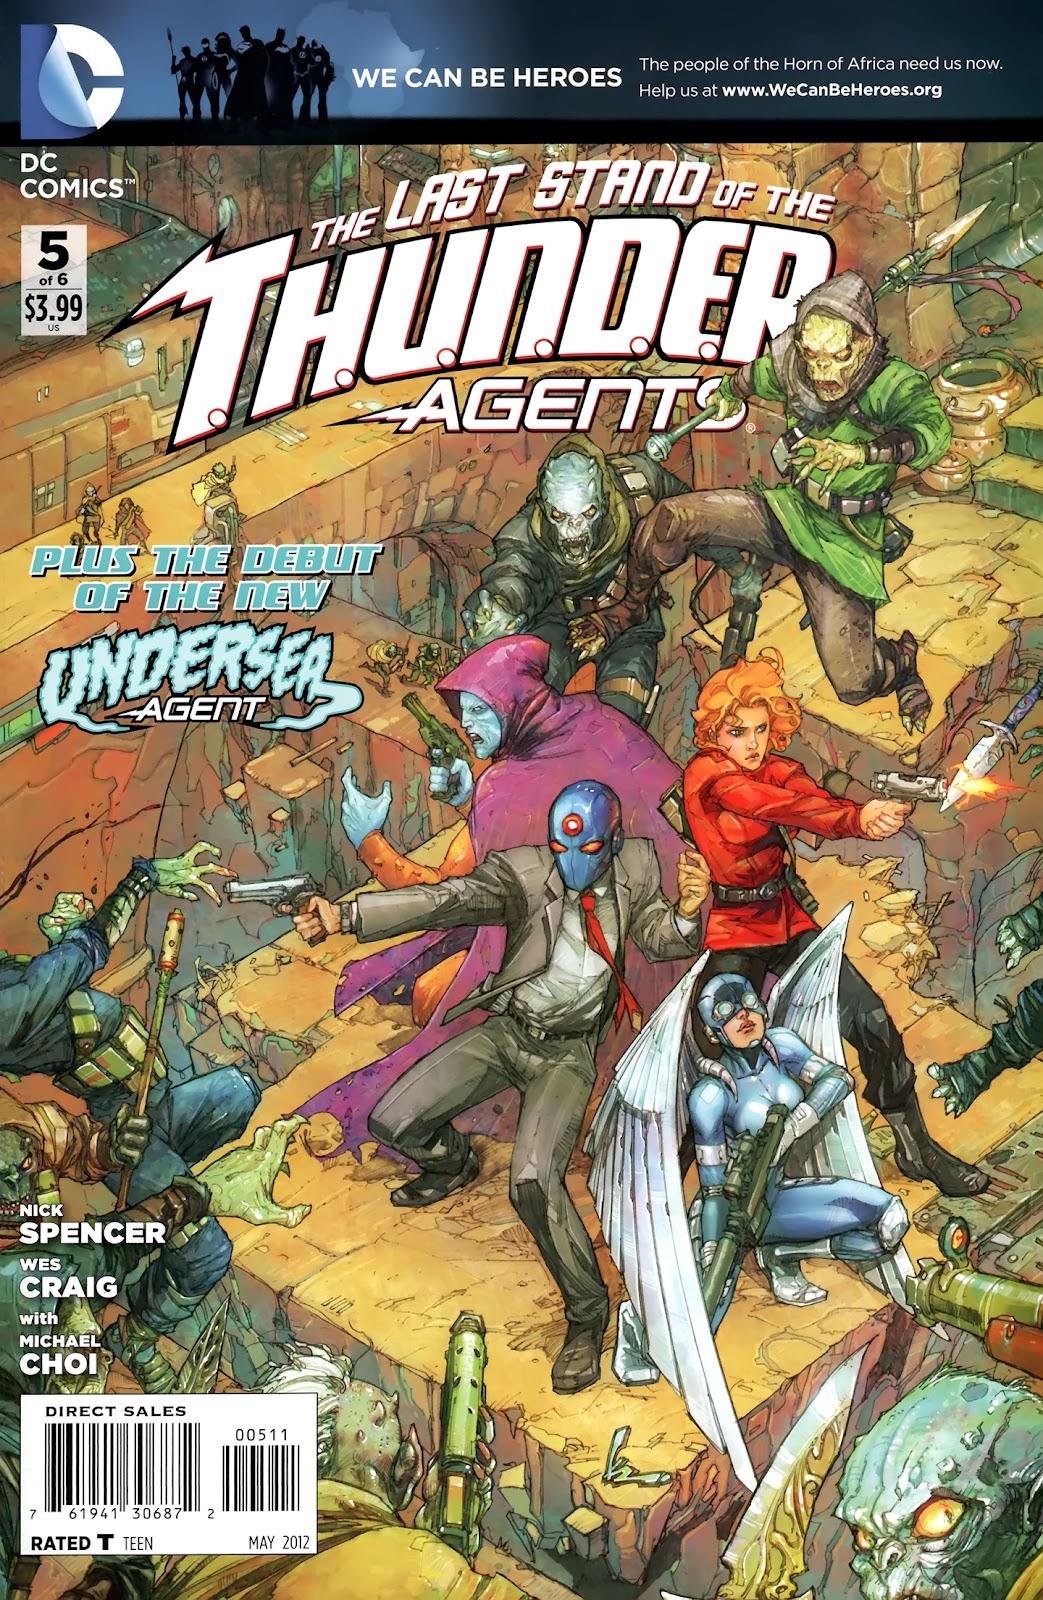 T.H.U.N.D.E.R. Agents (2012) 5 Page 1